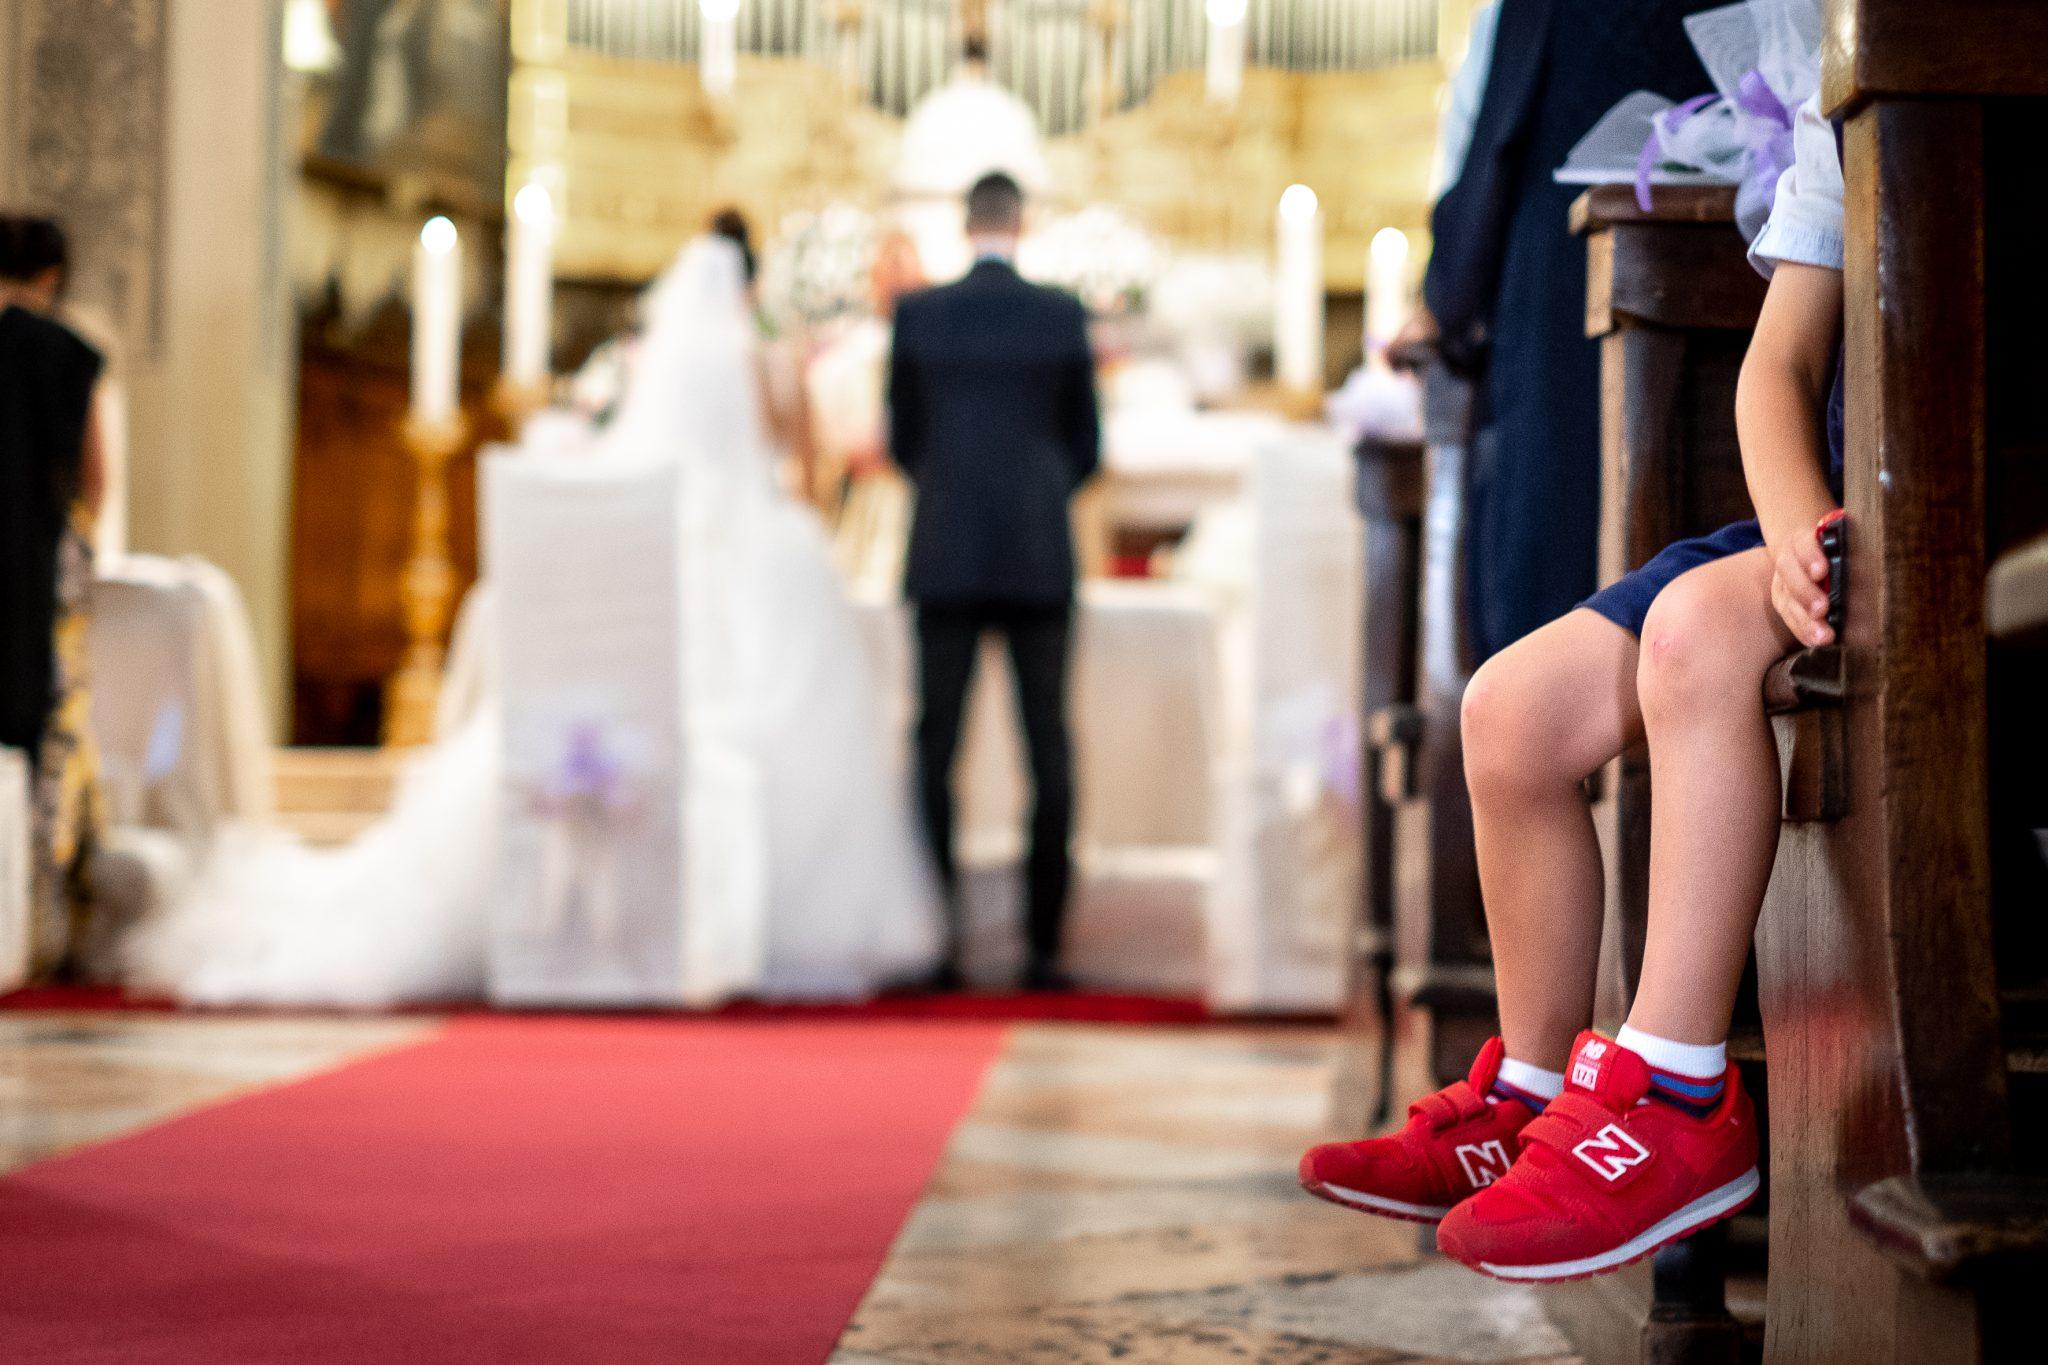 la scarpa di un bambino che sbuca da una panca della chiesa mentre gli sposi sono davanti all'altare